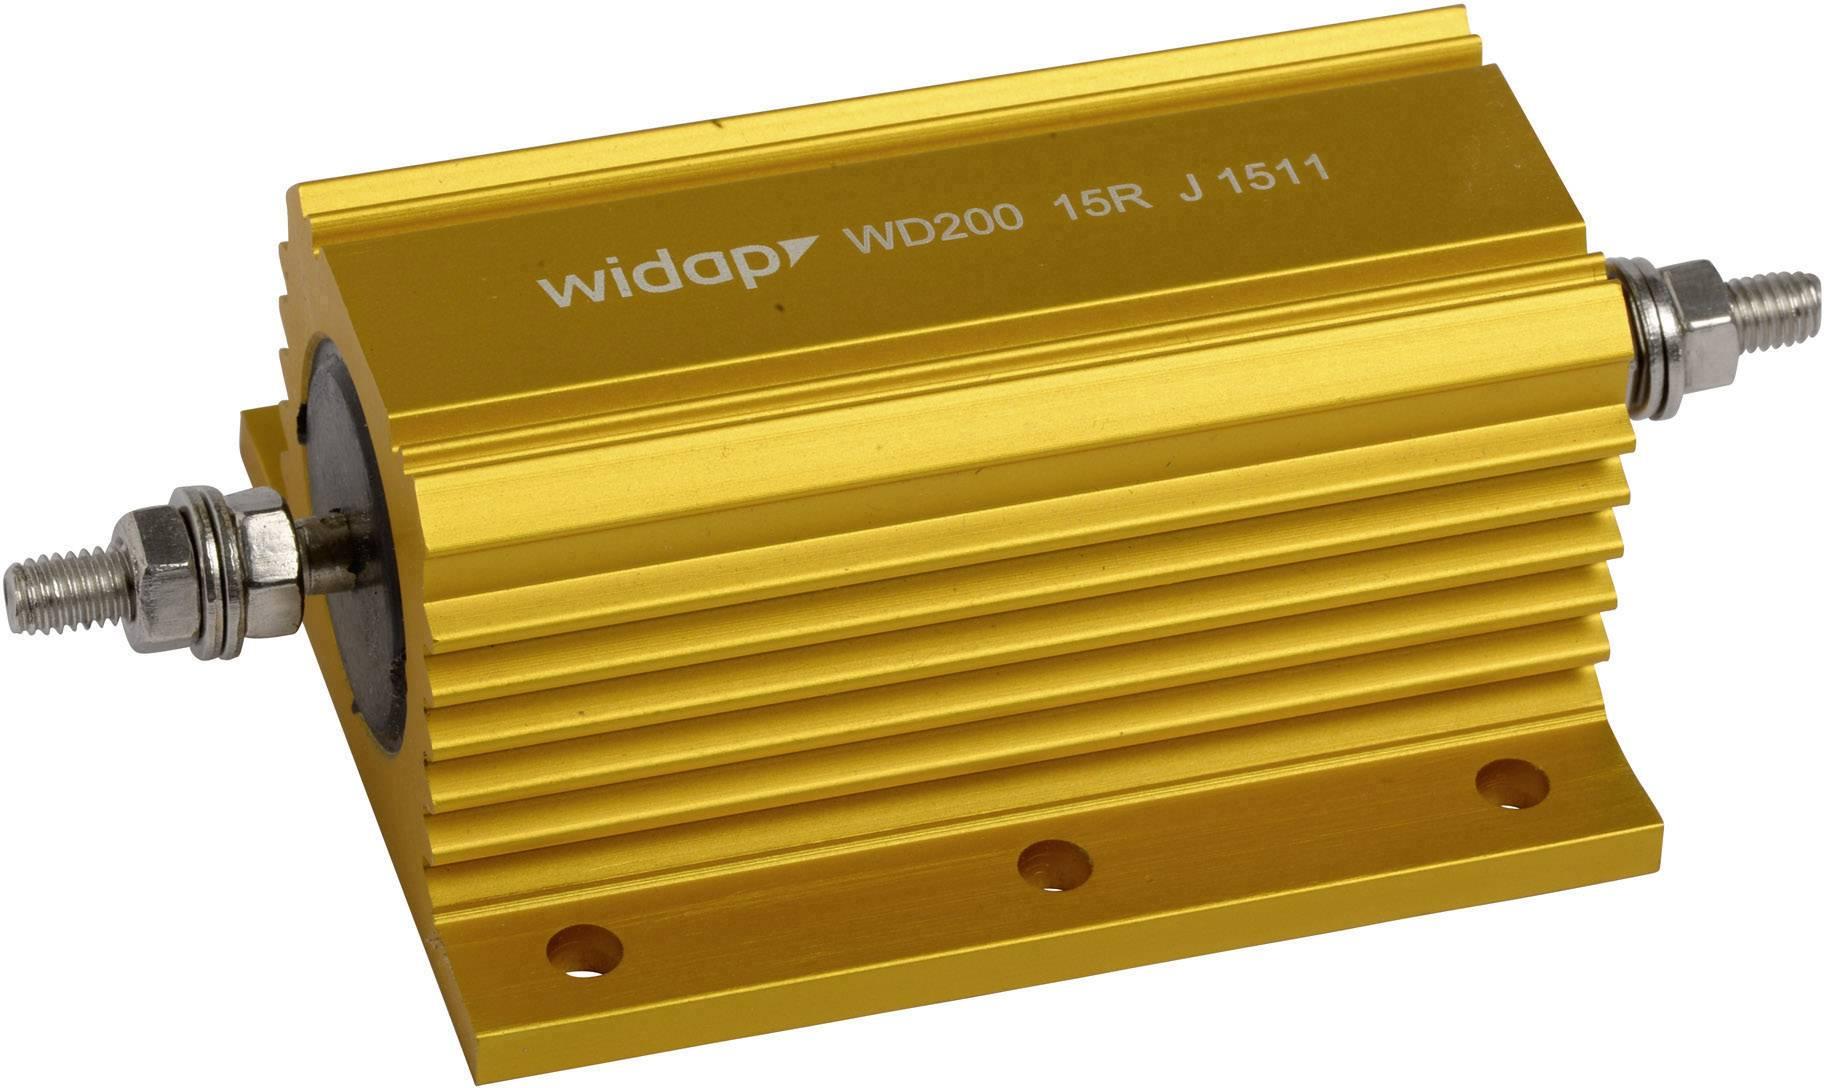 Drátový rezistor Widap 160154, hodnota odporu 47 Ohm, v pouzdře, 200 W, 1 ks